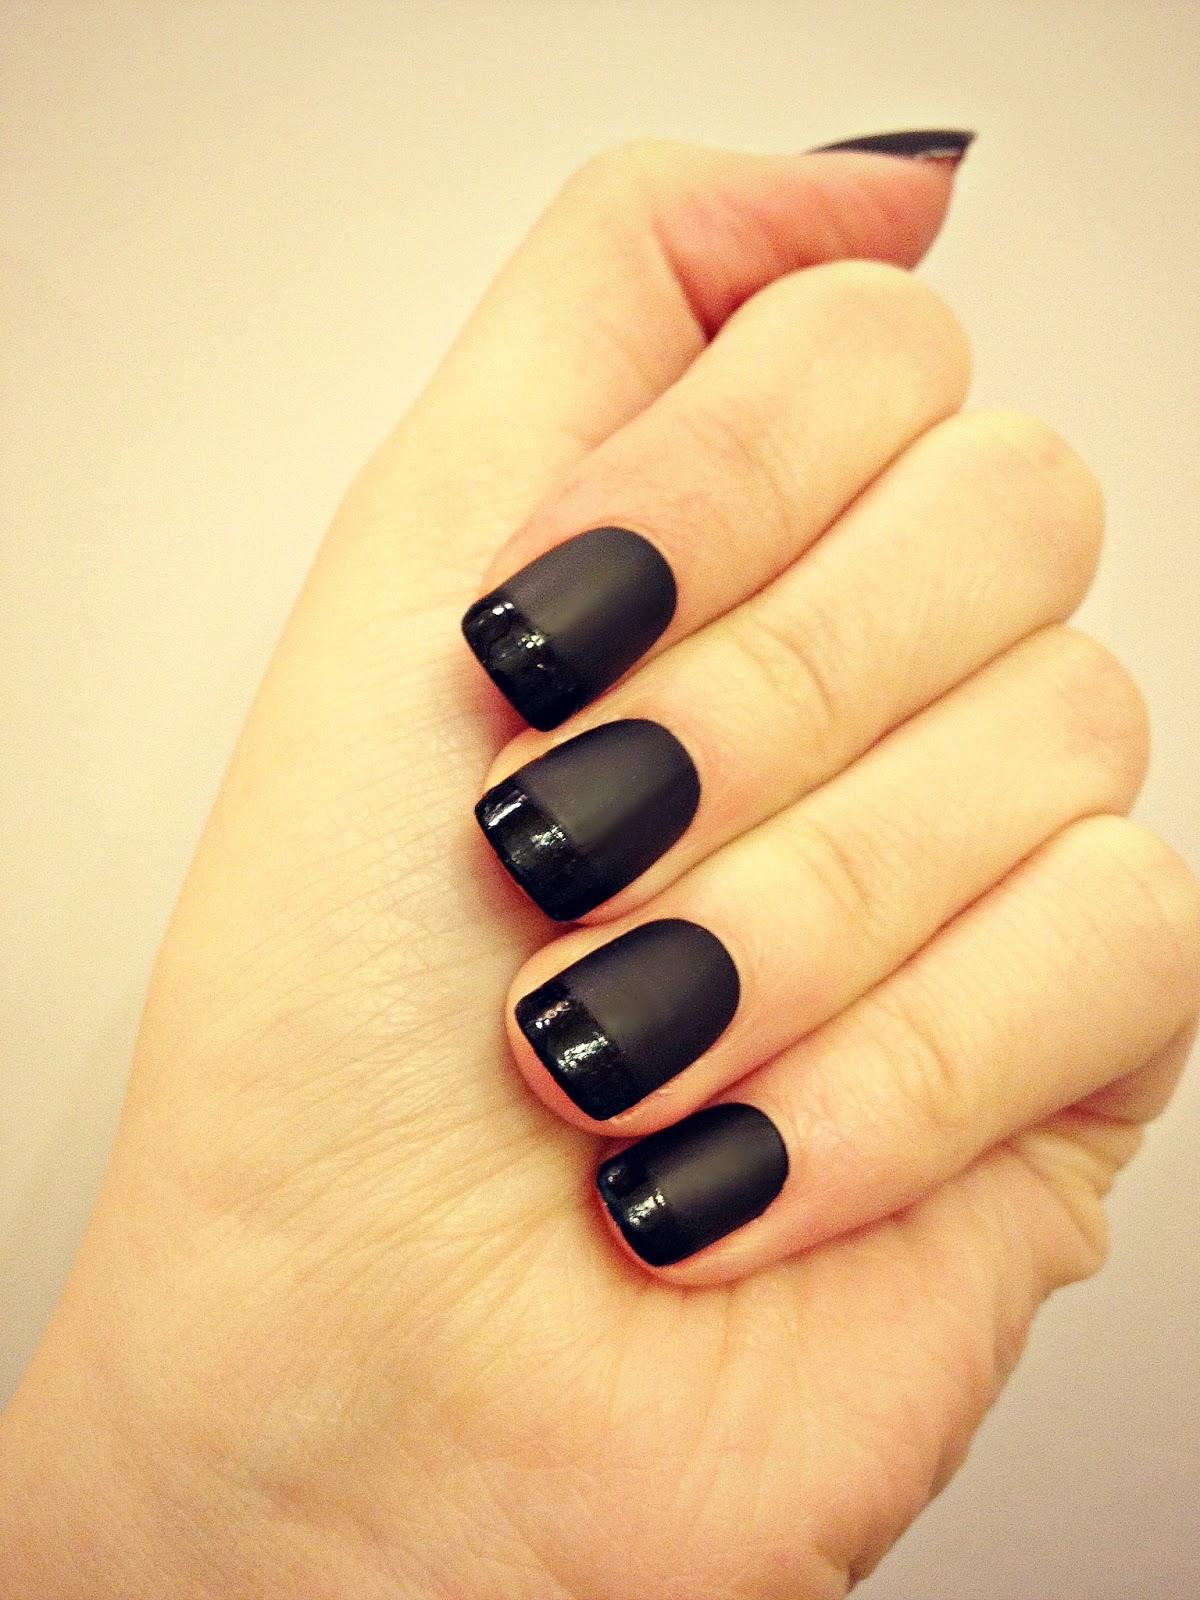 Sybella Nails